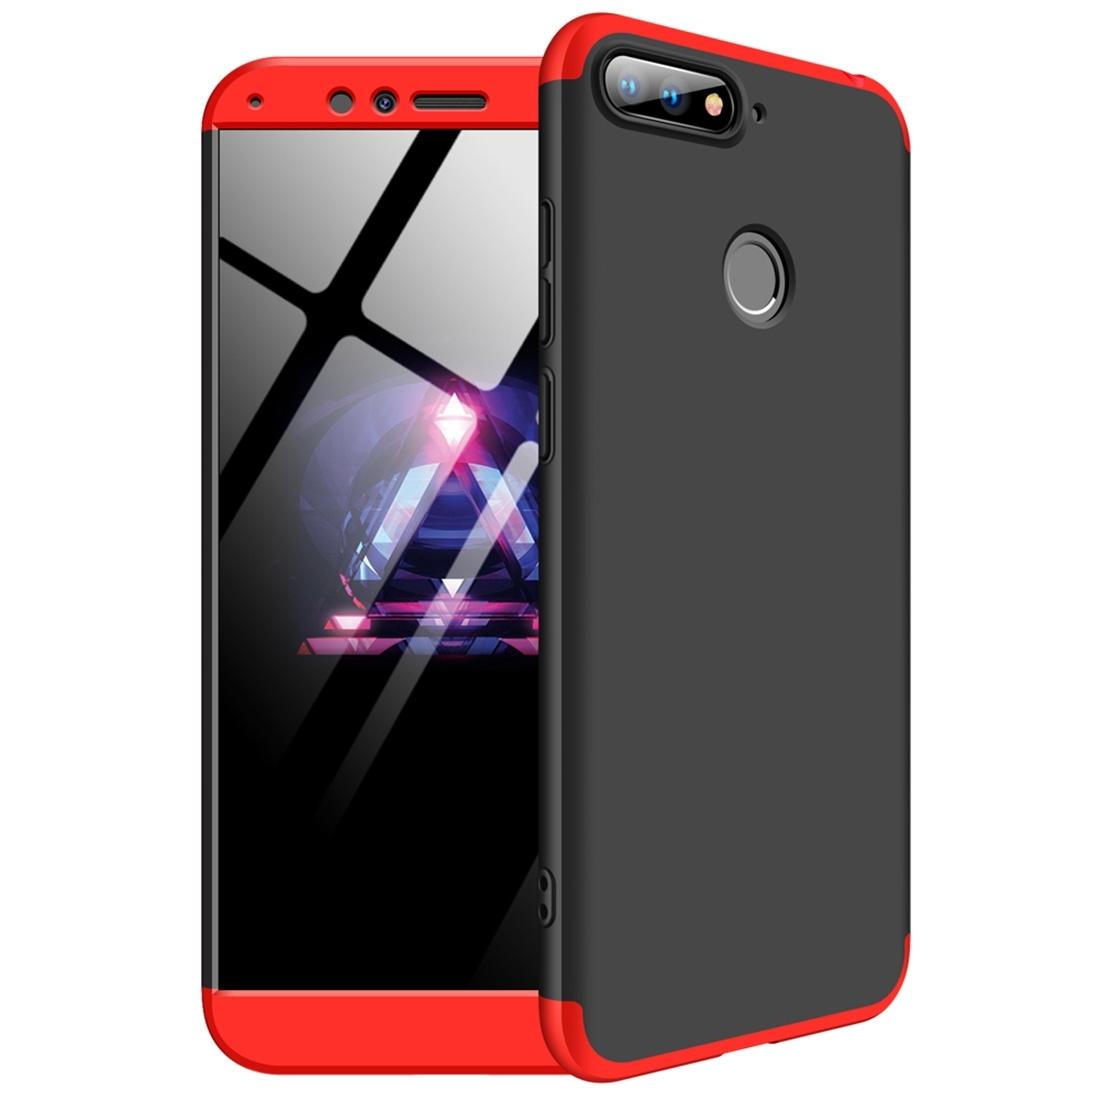 FORCELL 360 ° Ochranný kryt Huawei Y6 Prime 2018 černý-červený